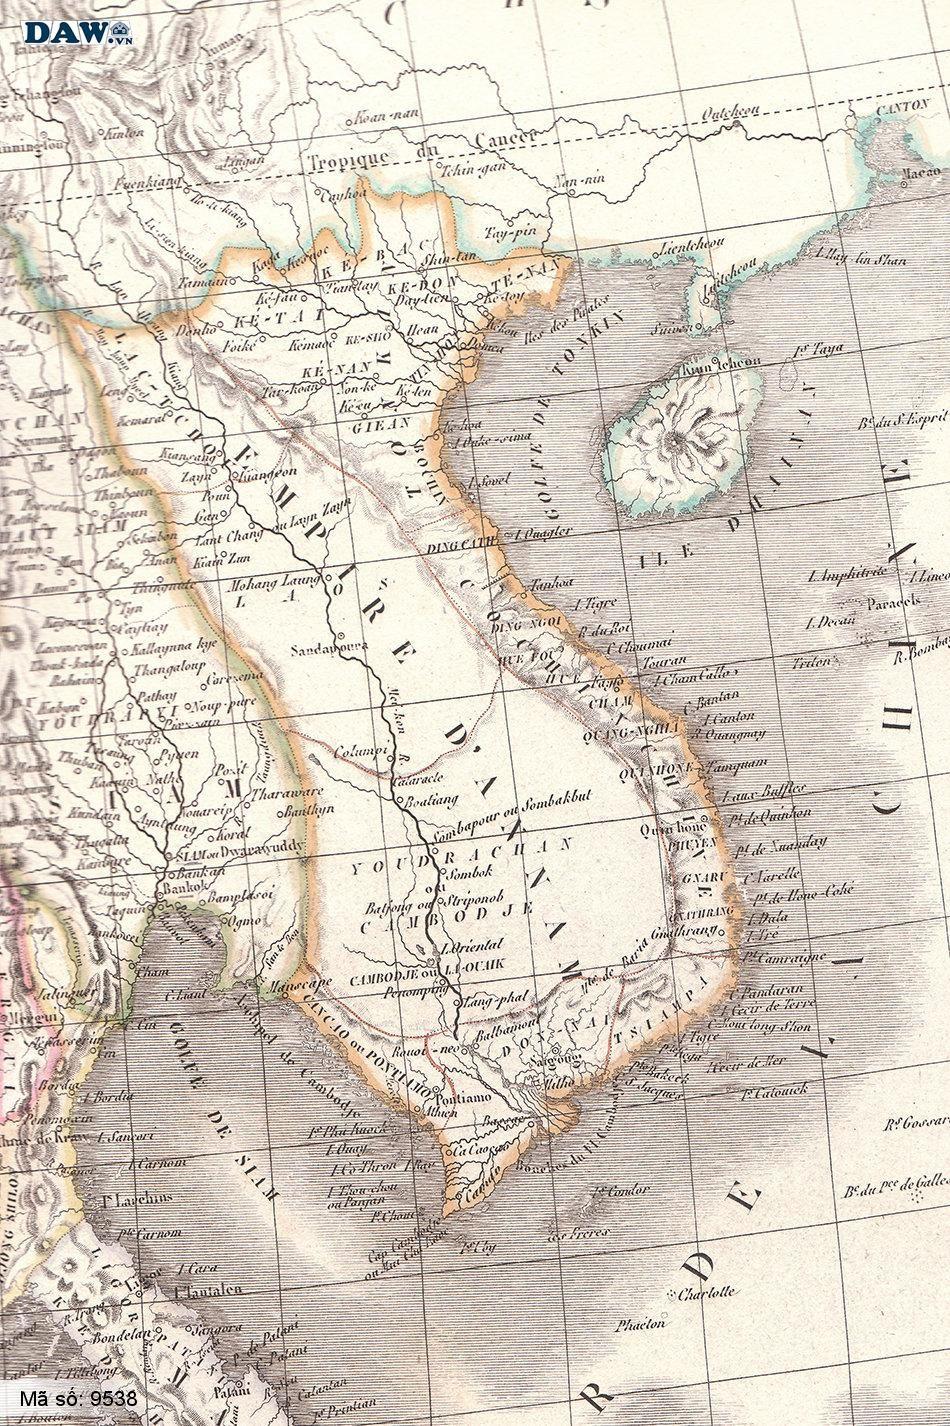 9538 Tranh dán tường Hàn Quốc | Tranh dán tường Bản Đồ 9538